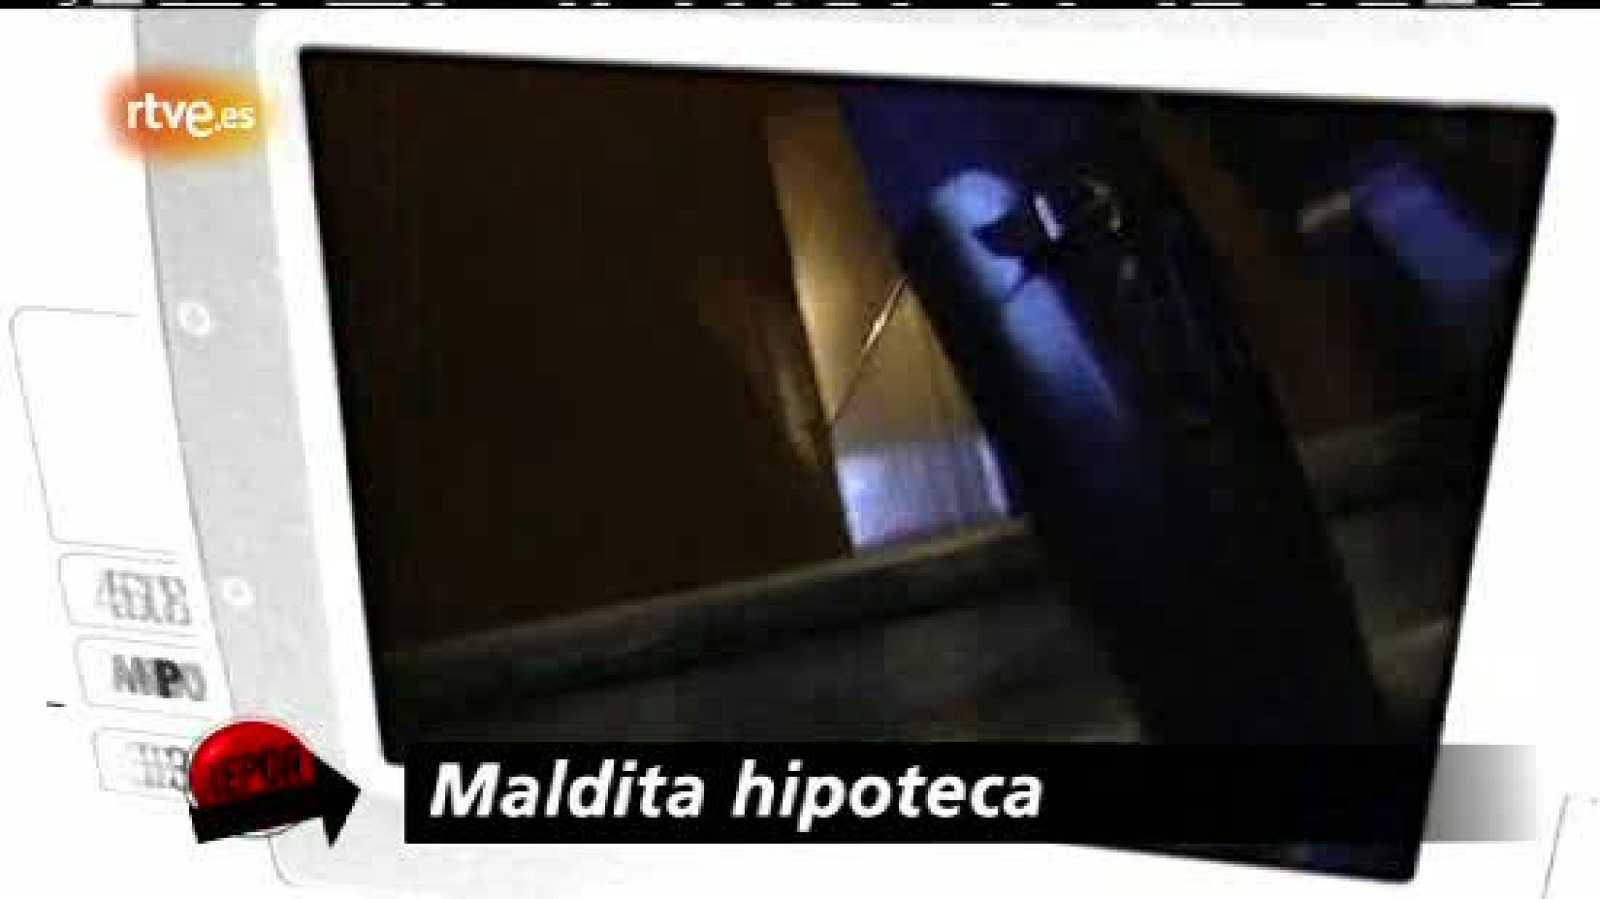 Repor - Maldita hipoteca